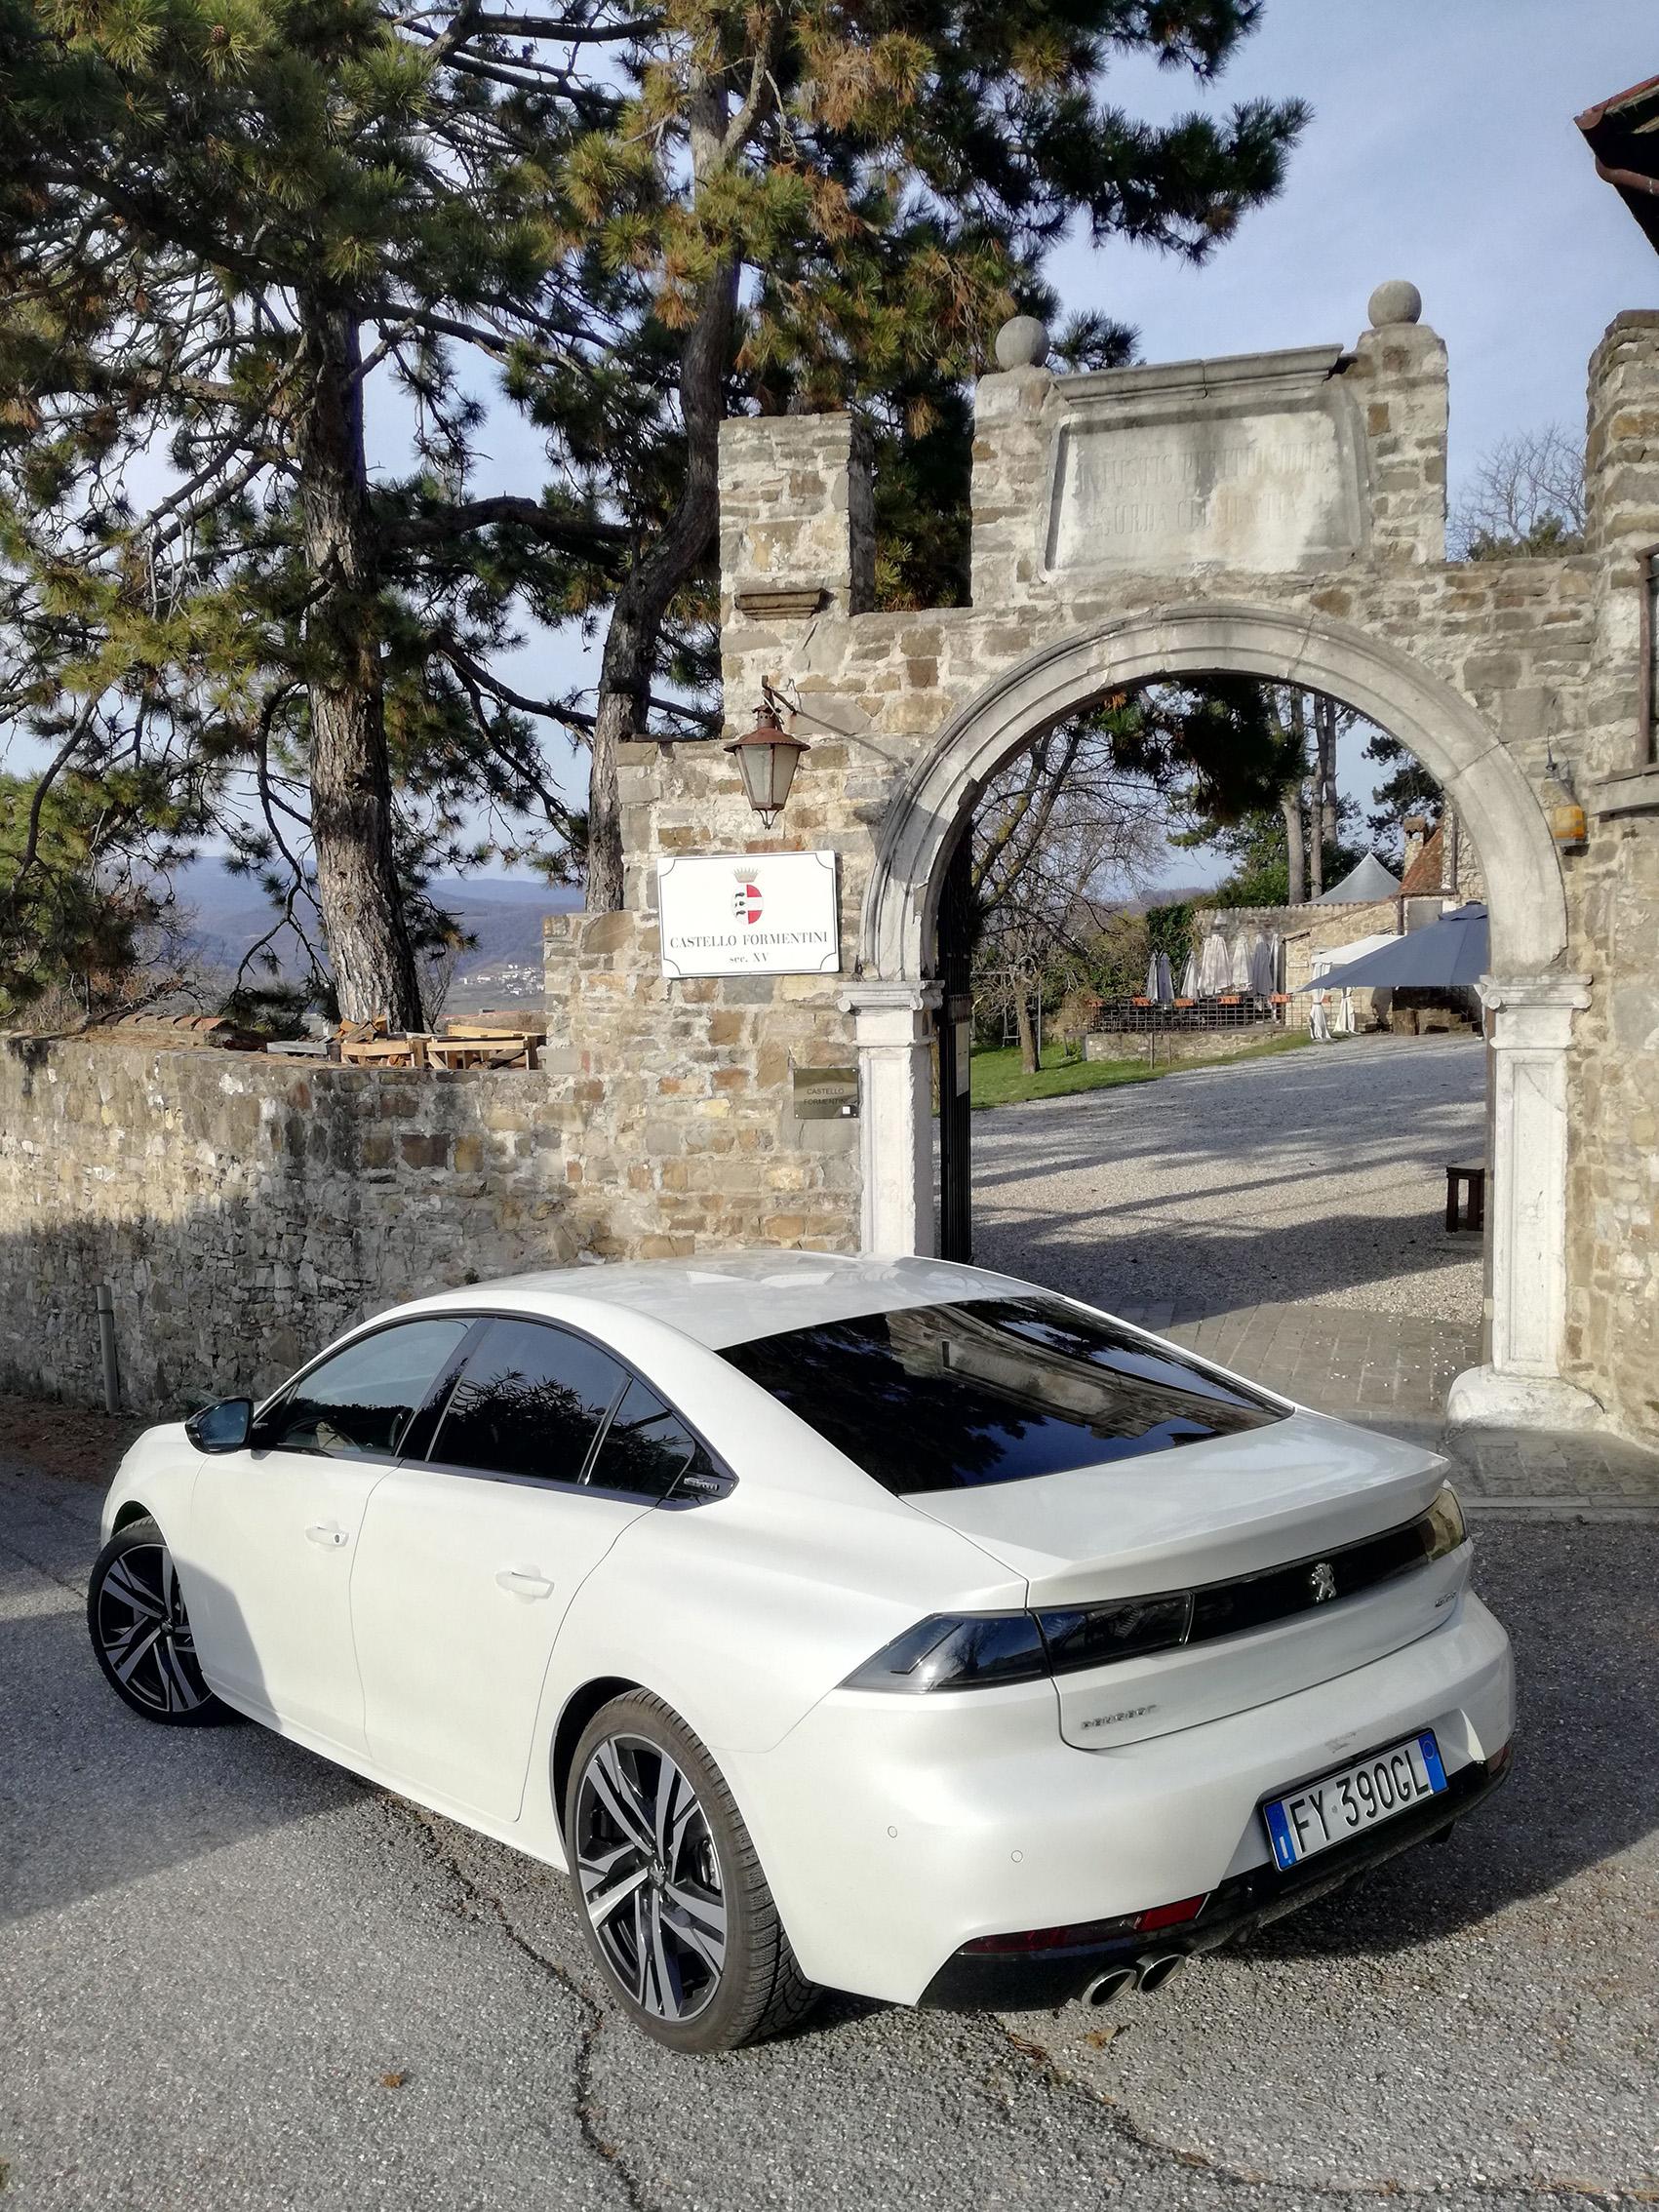 Viaggio in auto con la Peugeot Berlina 508 GT Line